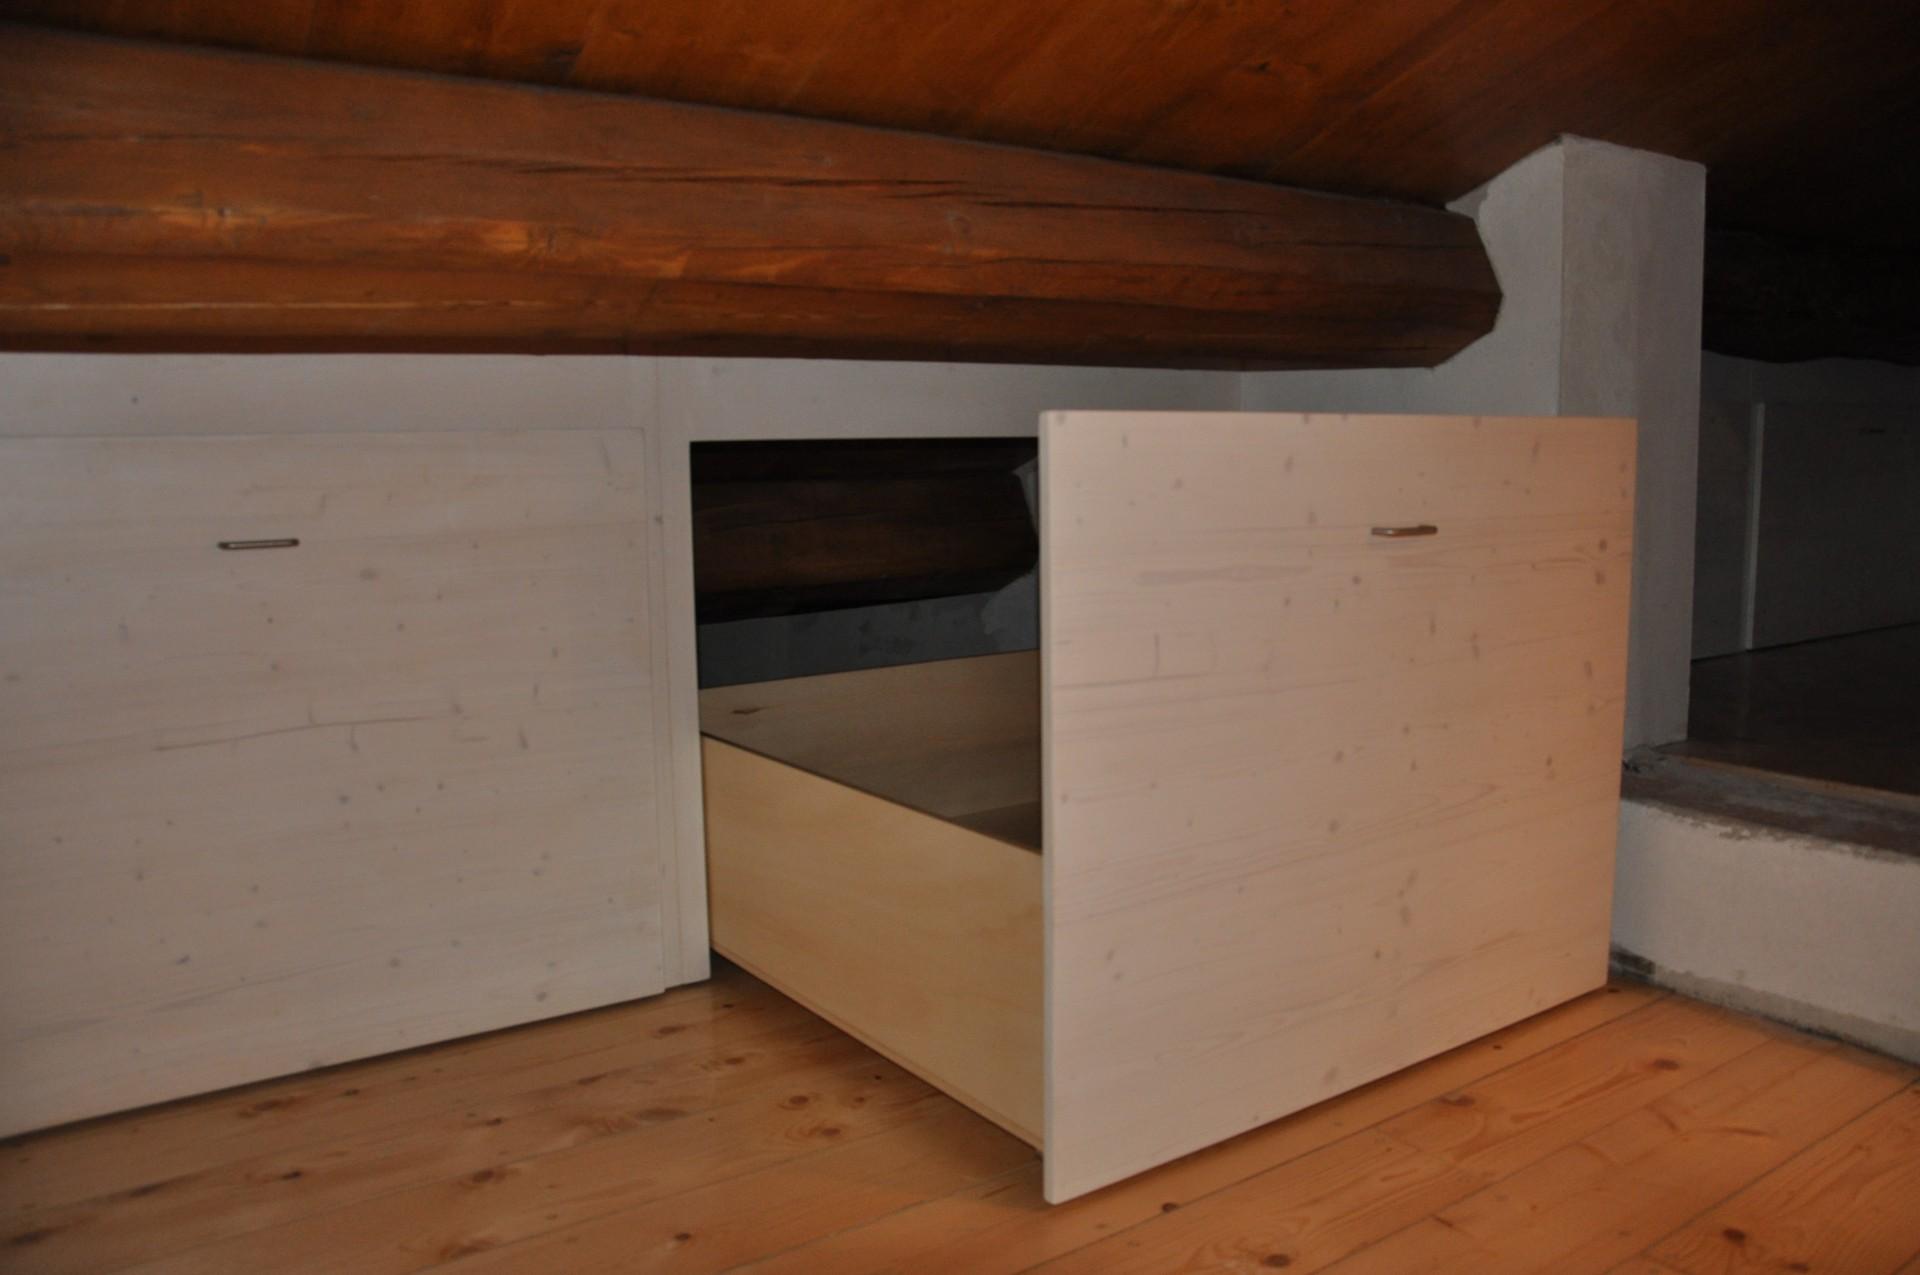 Progettazione arredamenti su misura fadini mobili cerea verona - Legni per mobili ...